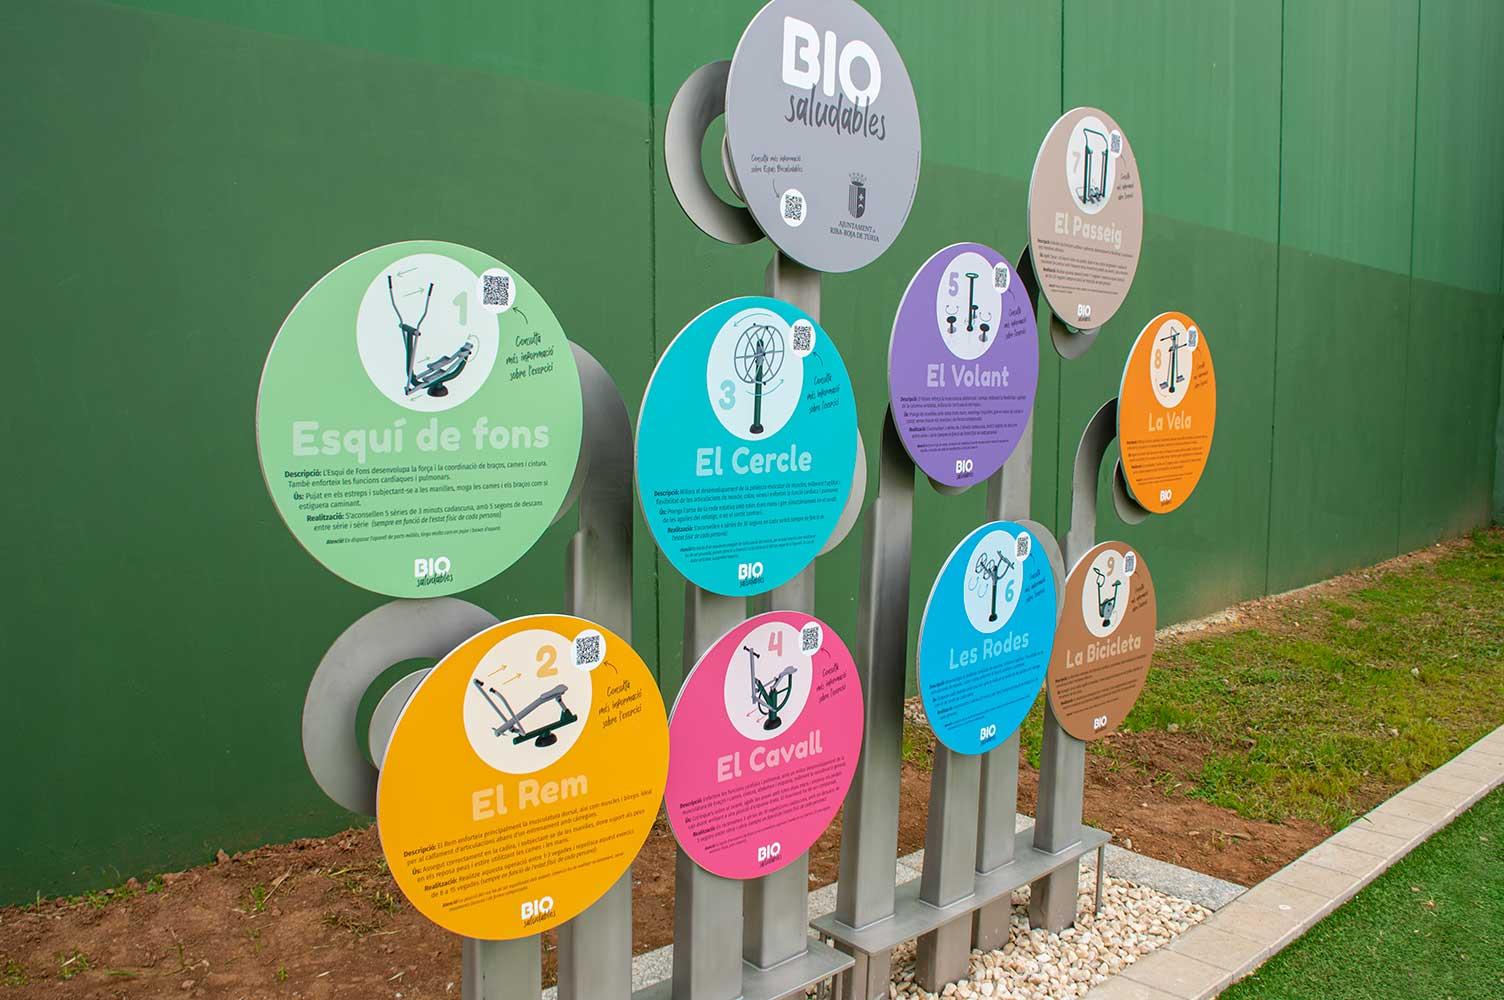 Señalización para espacio Bio Saludables Polideportivo Ribarroja